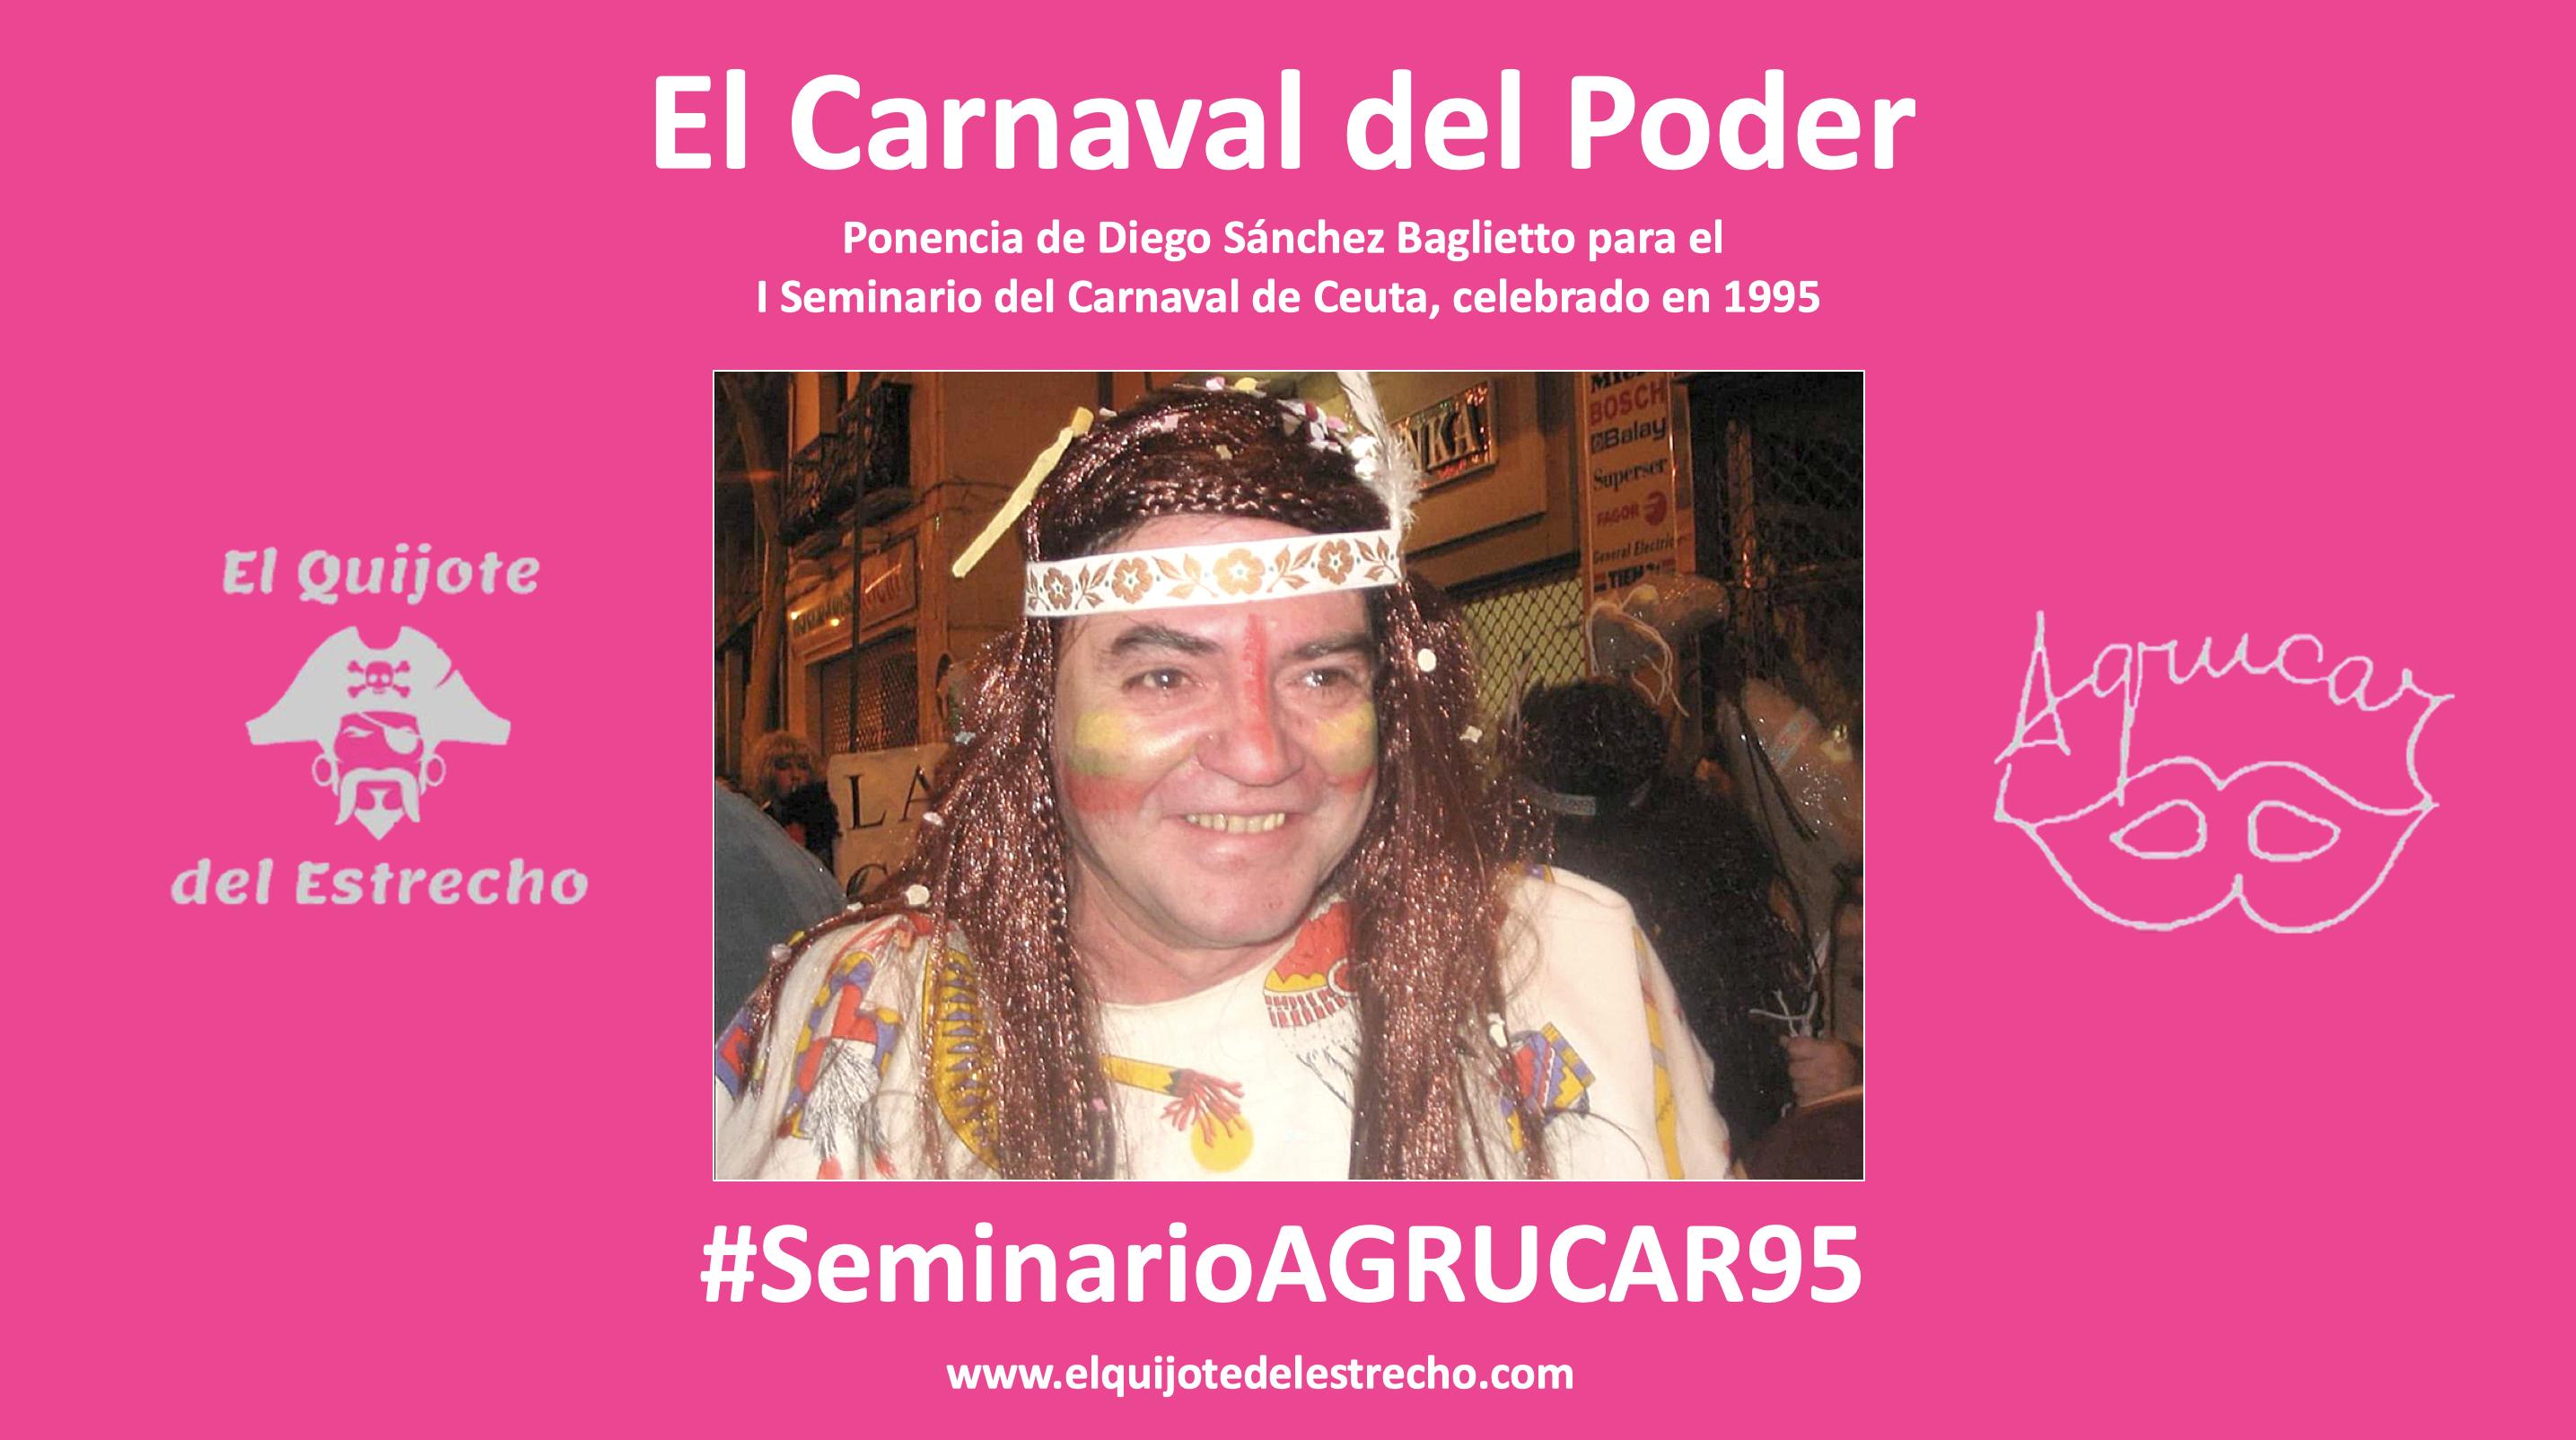 'El Carnaval del Poder'   Ponencia de Diego Sánchez Baglietto para el Seminario del 95